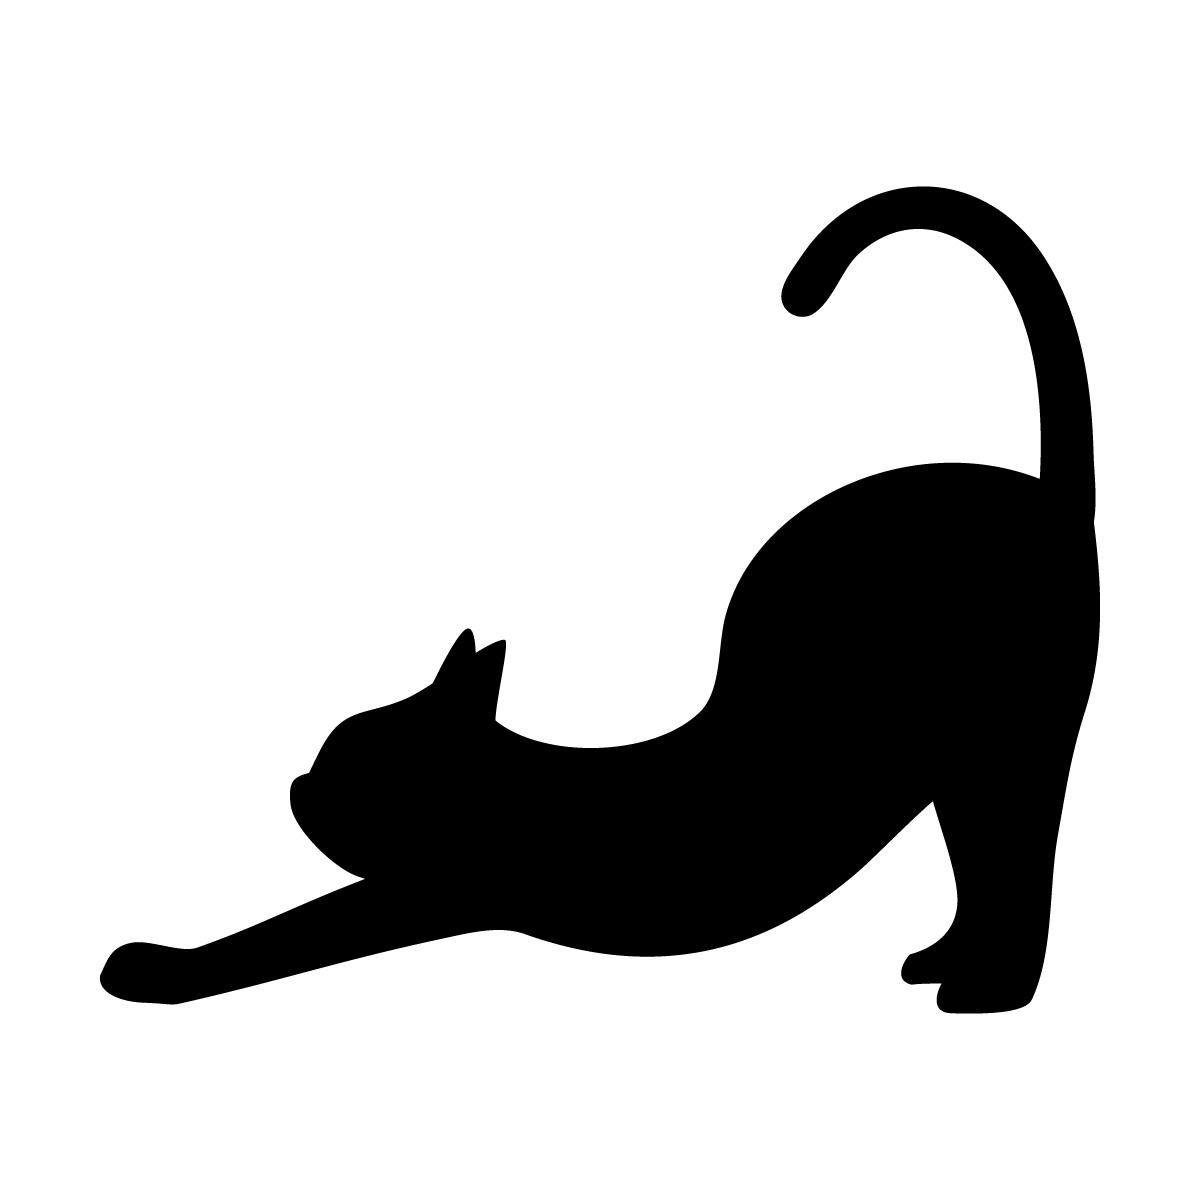 黒色の猫の背伸び(尻尾たち) ネコ ねこ キャット ヨガのポーズ・シルエット ステッカー・シール 光沢タイプ・耐水・屋外耐候3~4年